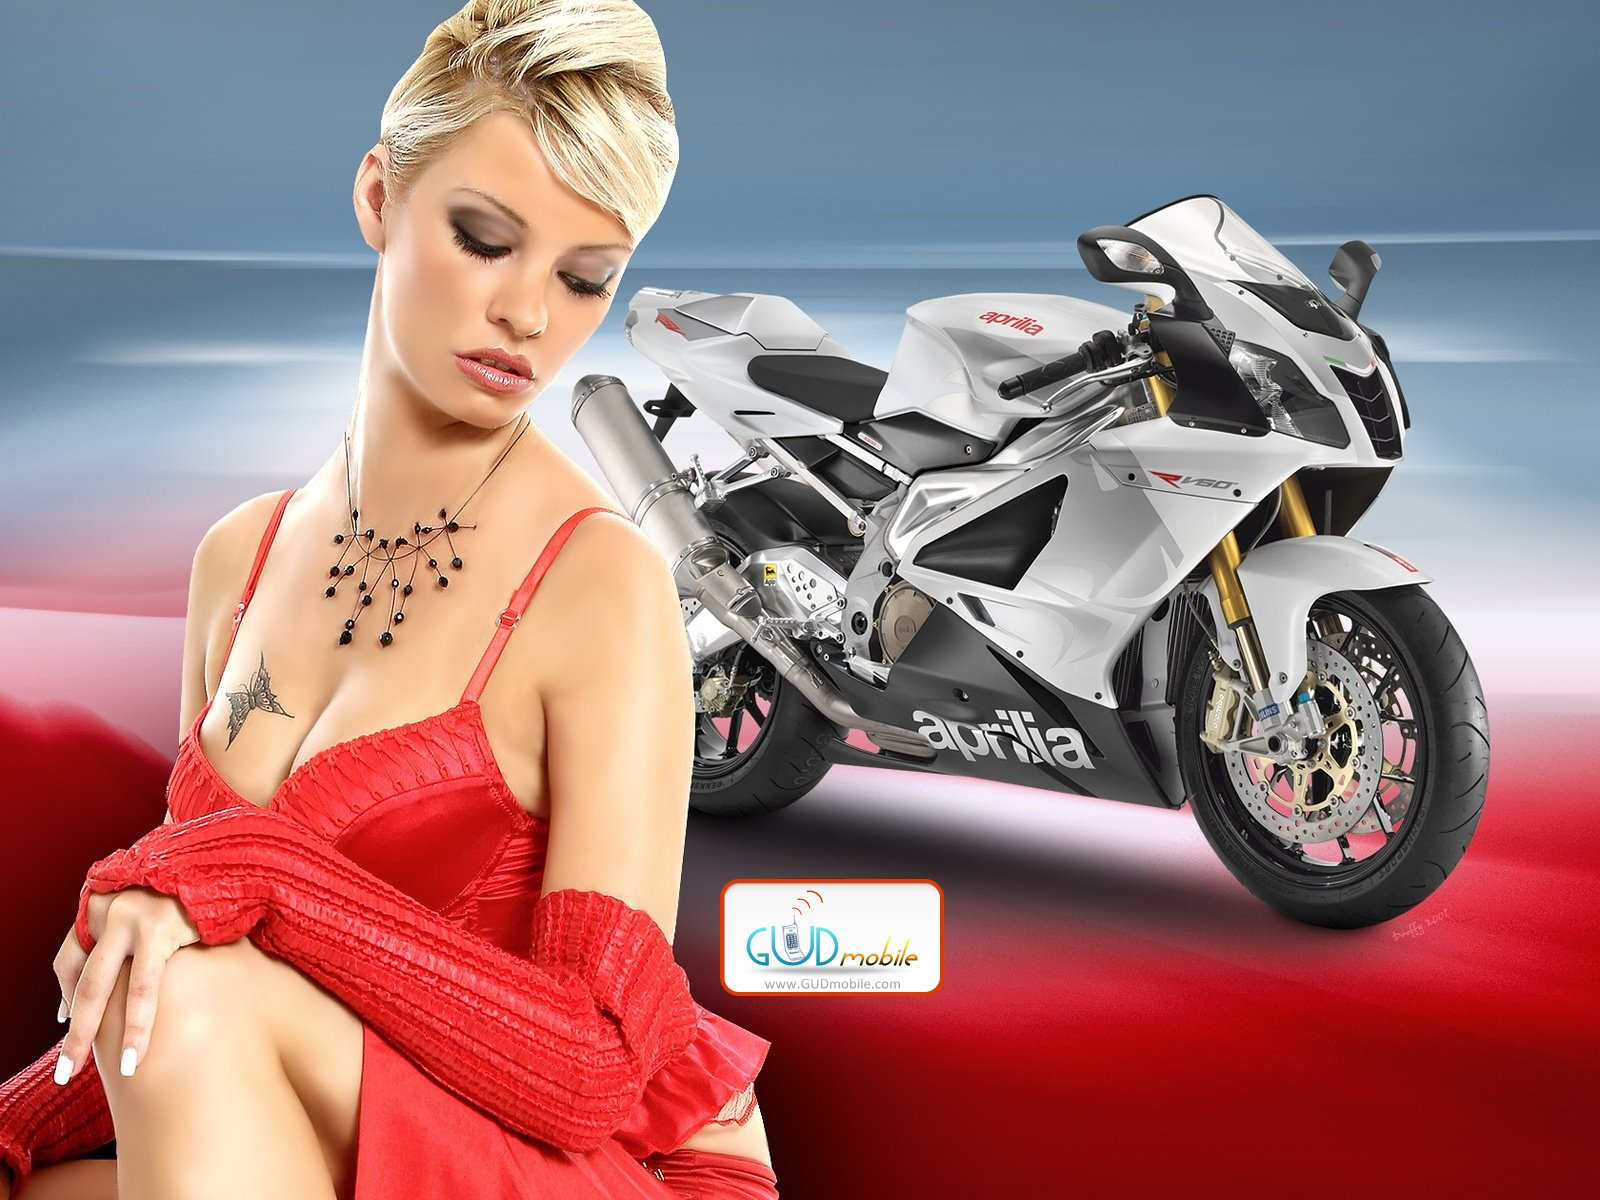 красивая девушка и мотоцикл, обои